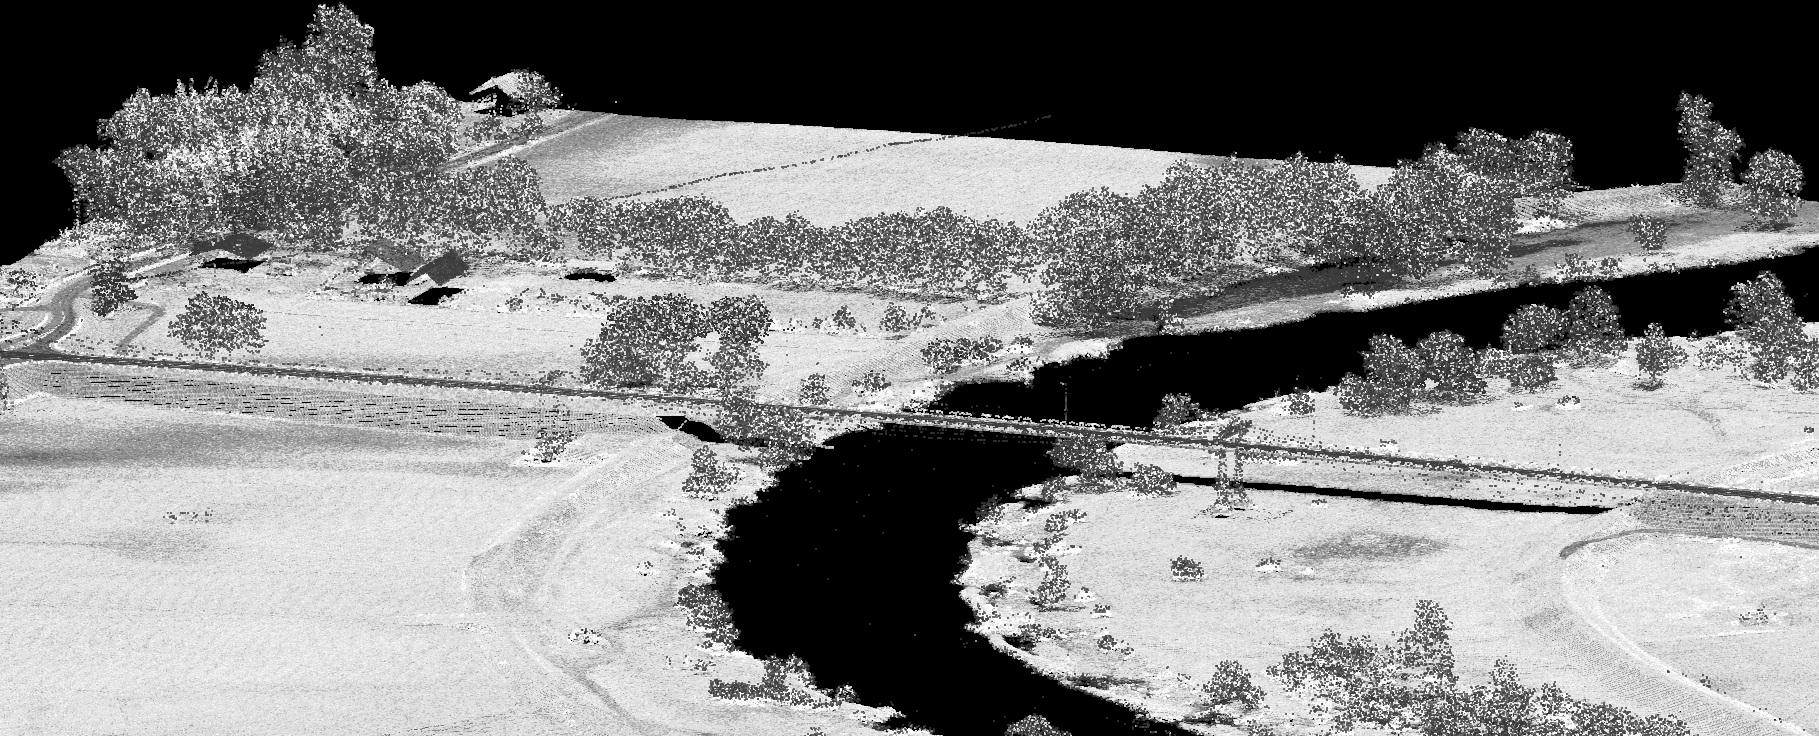 Obraz w odcieniach szarości, zakole rzeki. Dane pozwalają na określenie intensywności odbicia promienia laserowego od powierzchni terenu